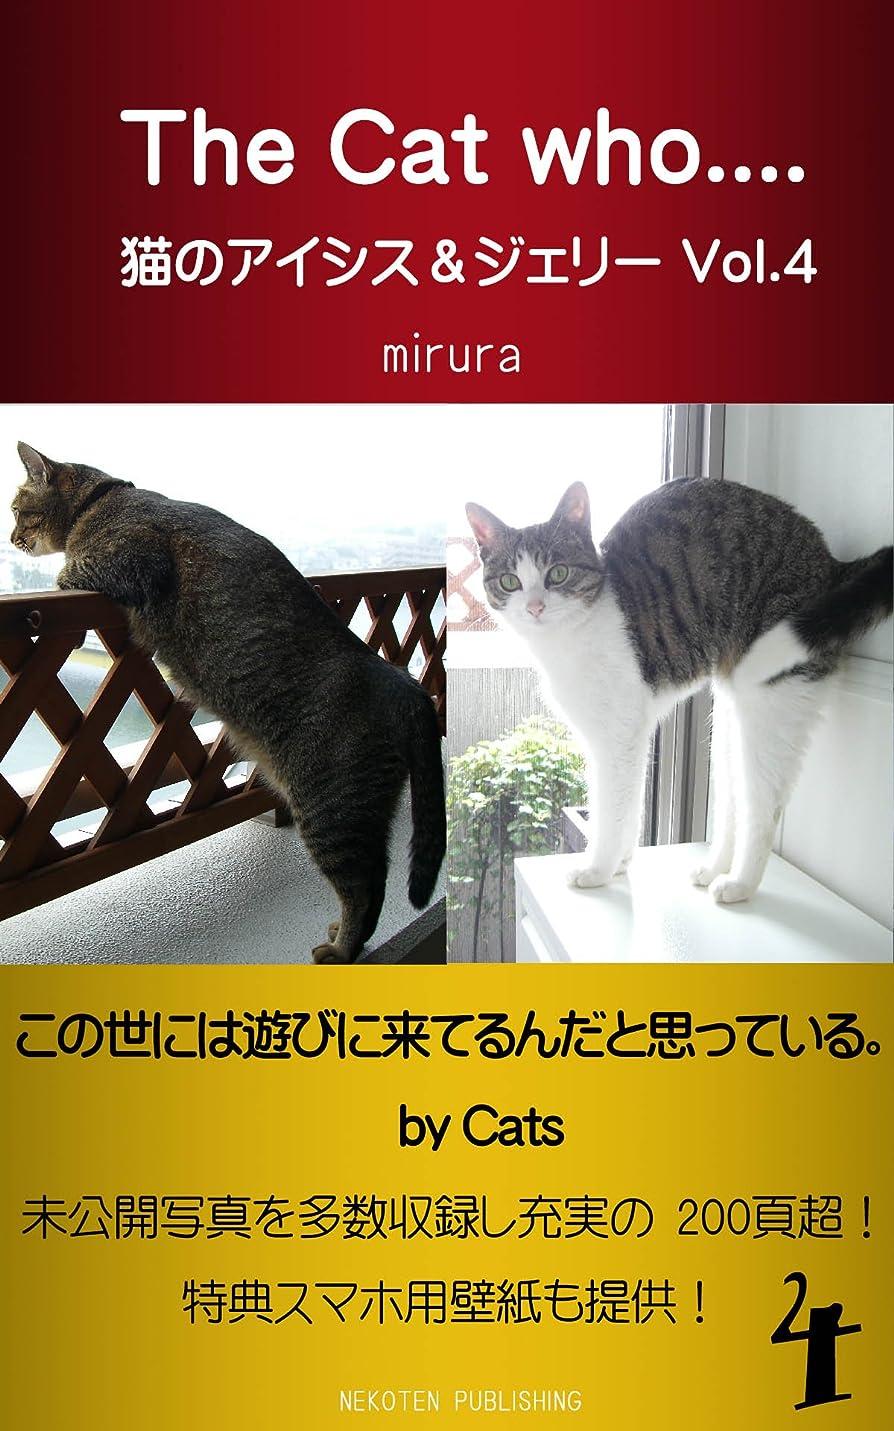 プレビュー怖い勃起The Cat who.... 猫のアイシス&ジェリー Vol.4: この世には遊びに来ているんだと思っている。 by Cats. (The Cat who.... アイとちび)